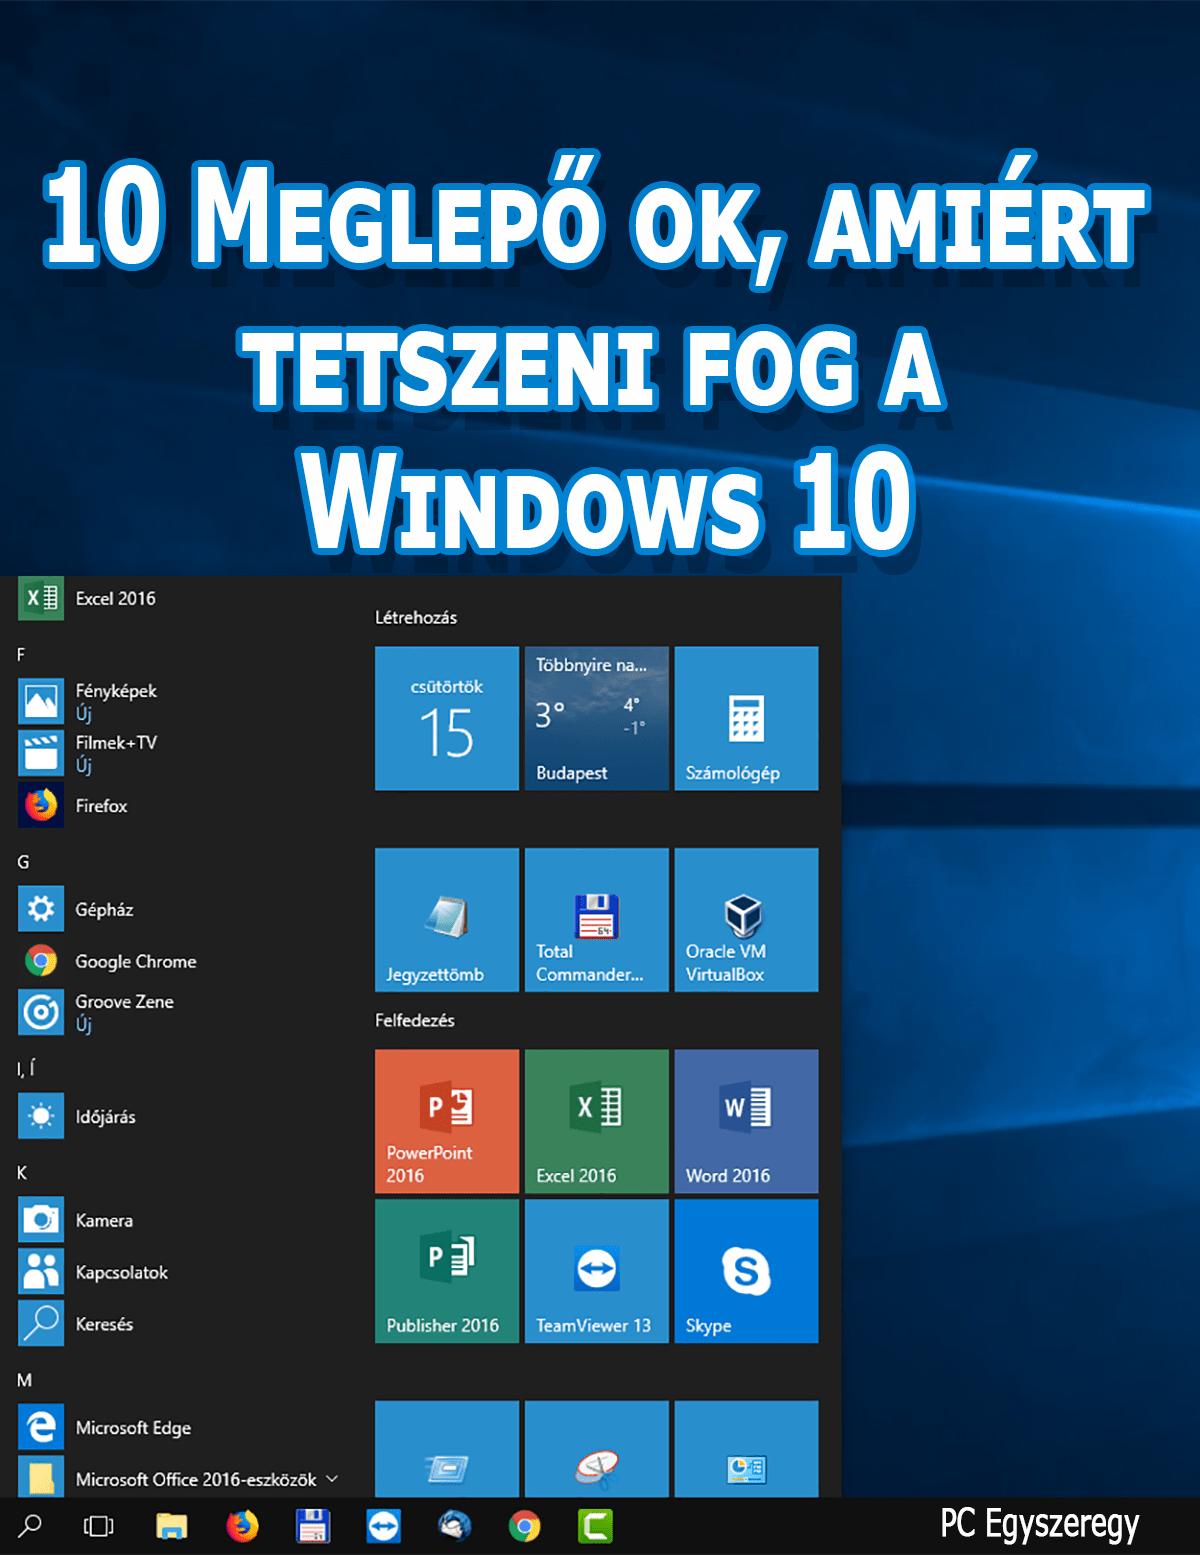 10 meglepő ok, amiért tetszeni fog a Windows 10 operációs rendszer e-könyv